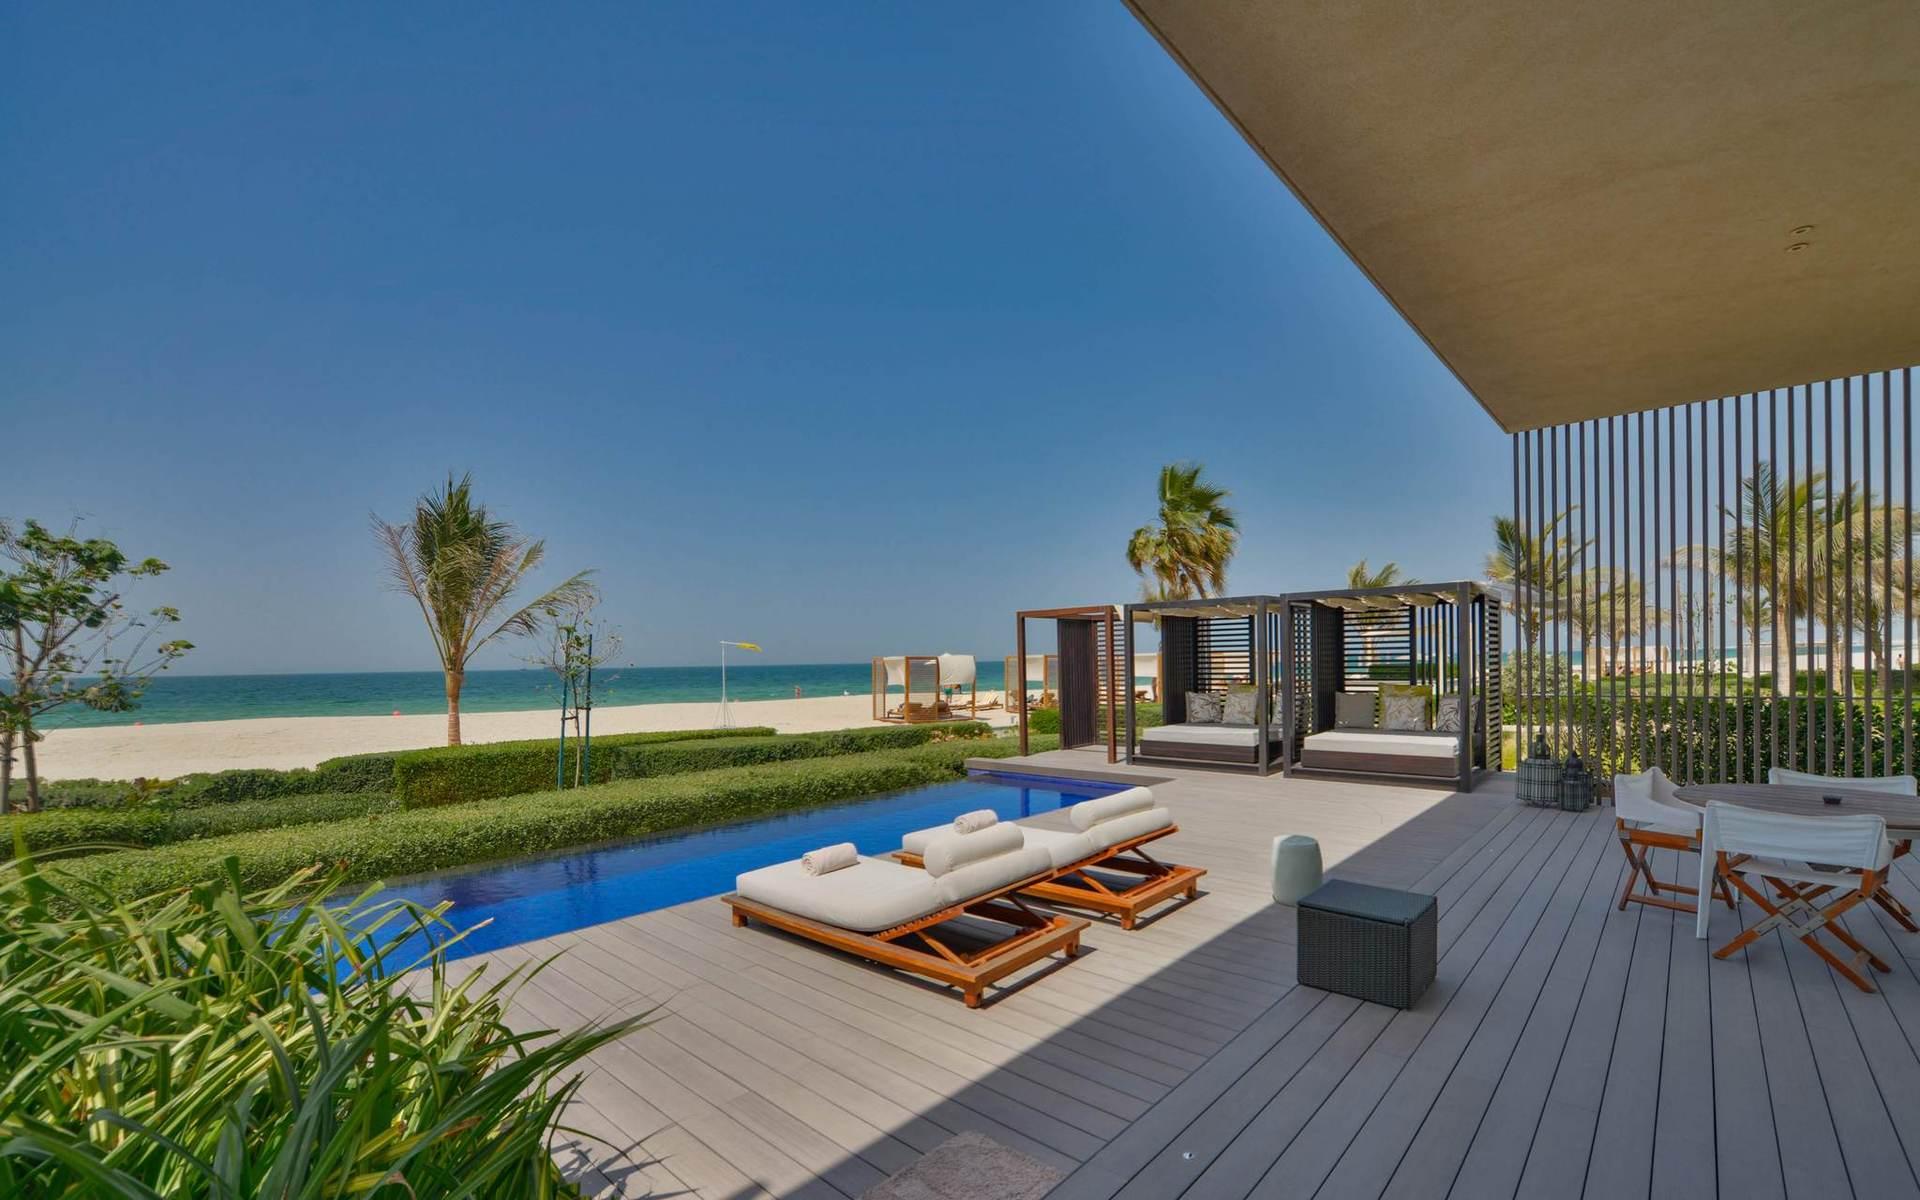 Единственный пятизвездочный курорт с виллами в Аджмане. Каждая вилла имеет личный бассейн, выход в сад или на пляж.